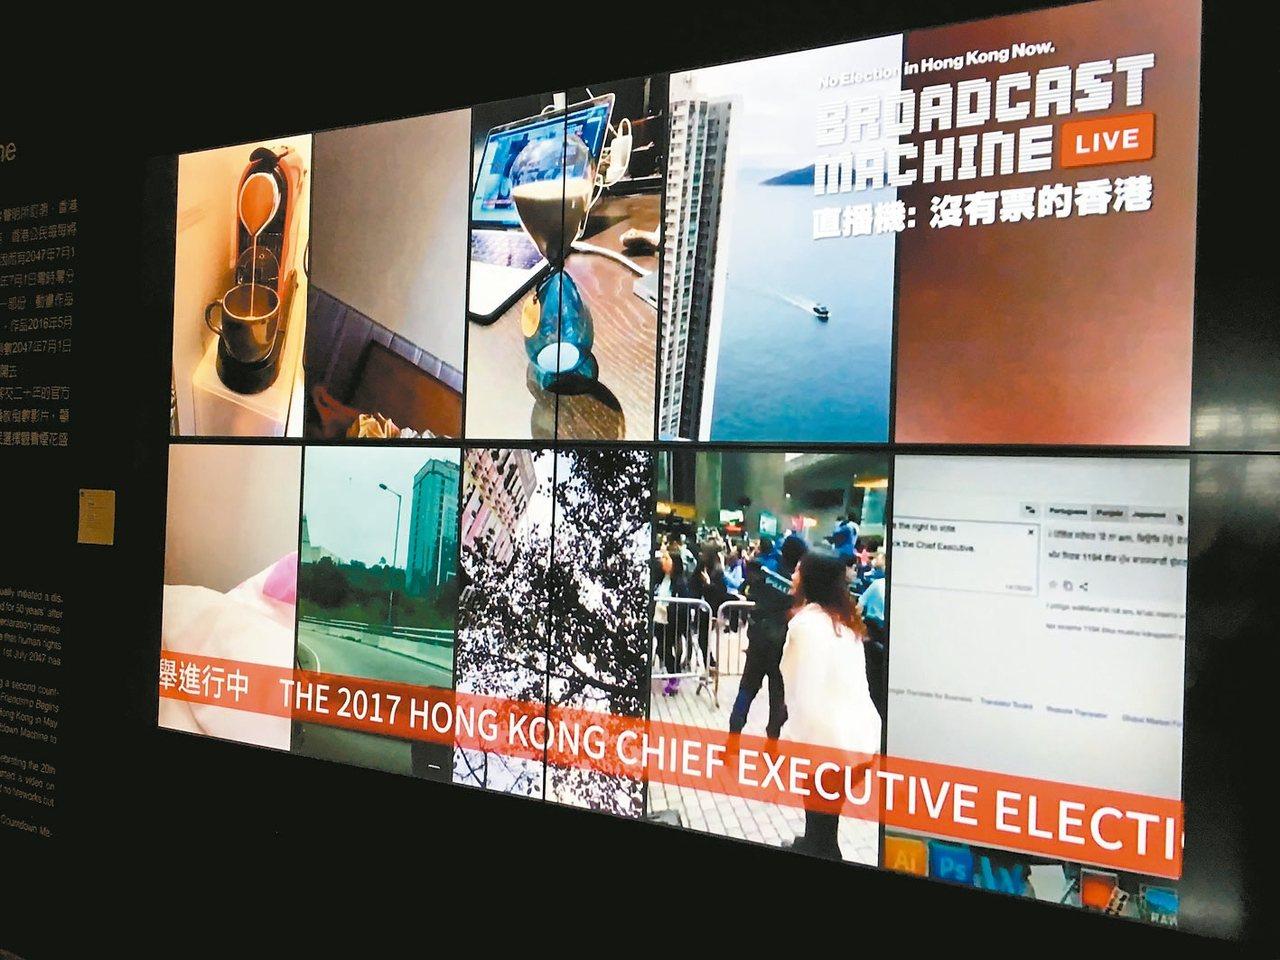 香港藝術家黃宇軒&林志輝作品《直播戰》。 記者何定照/攝影